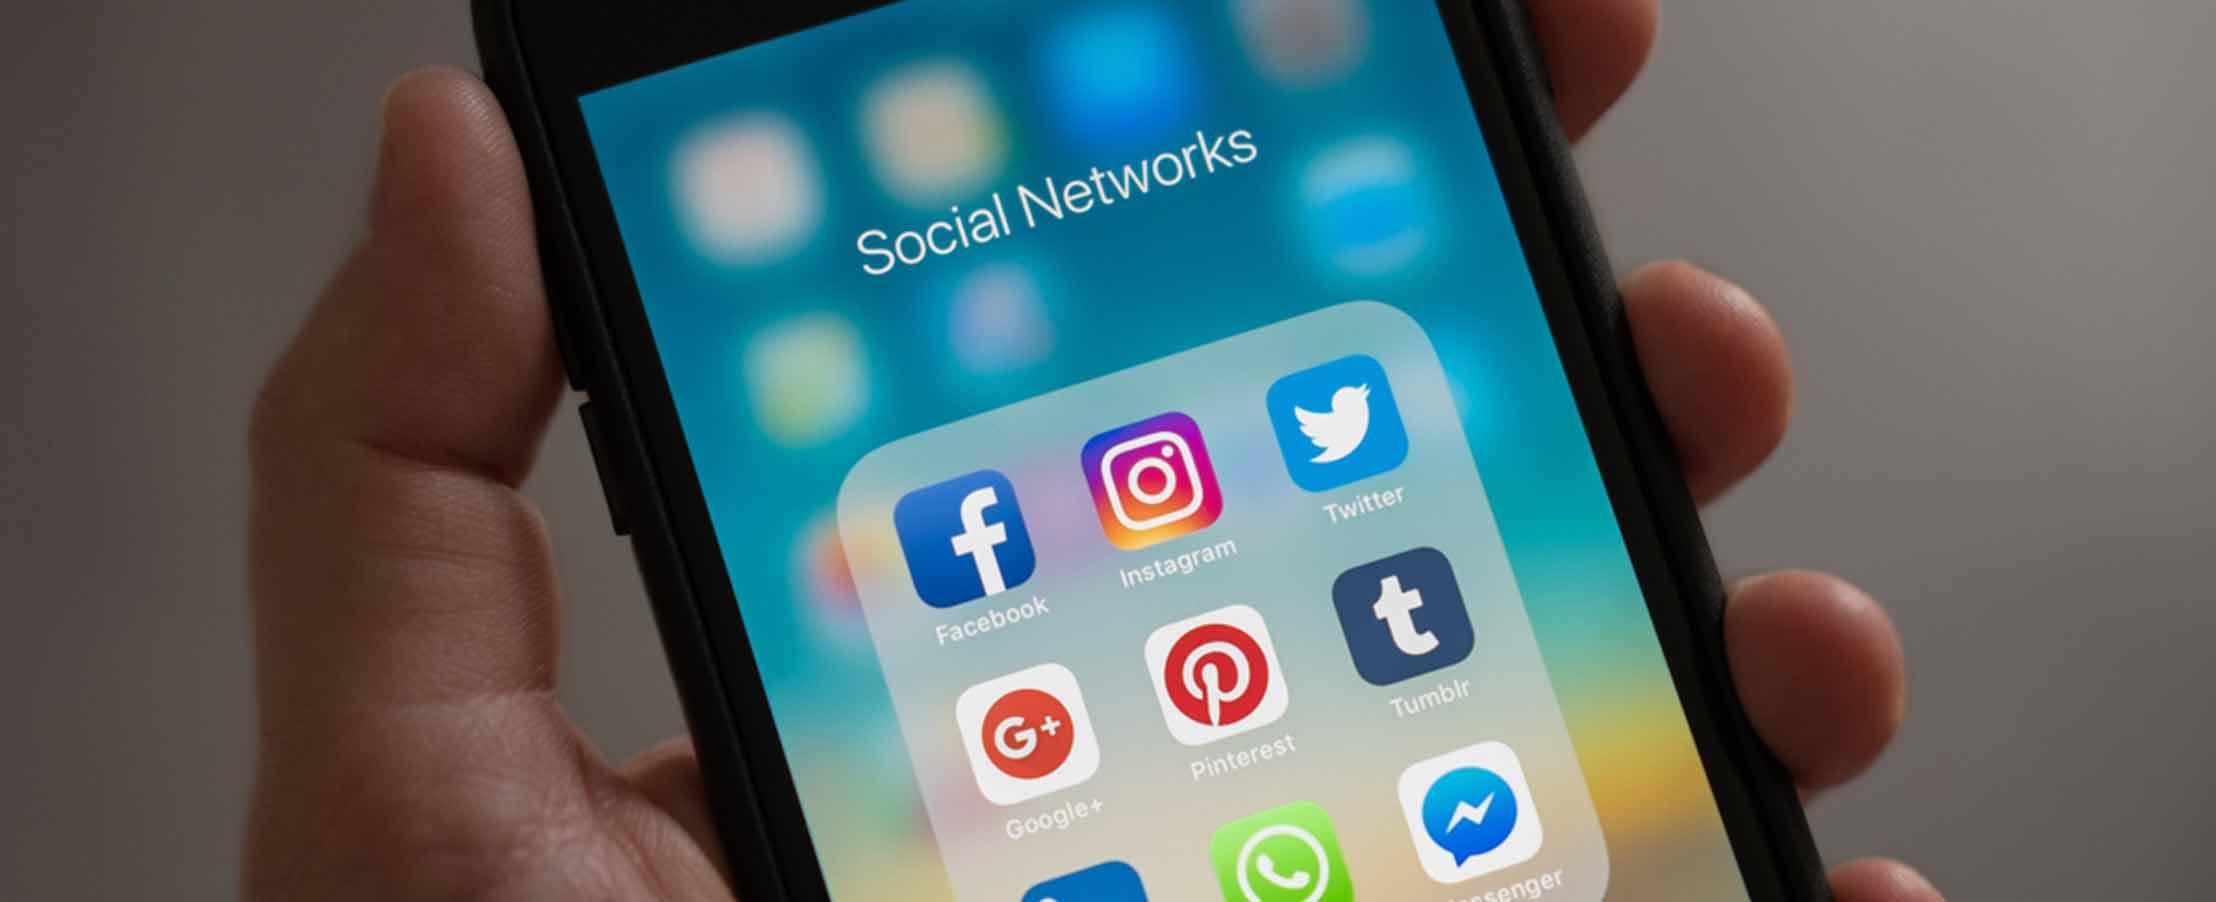 Moving Digital - Welke social media kies je?